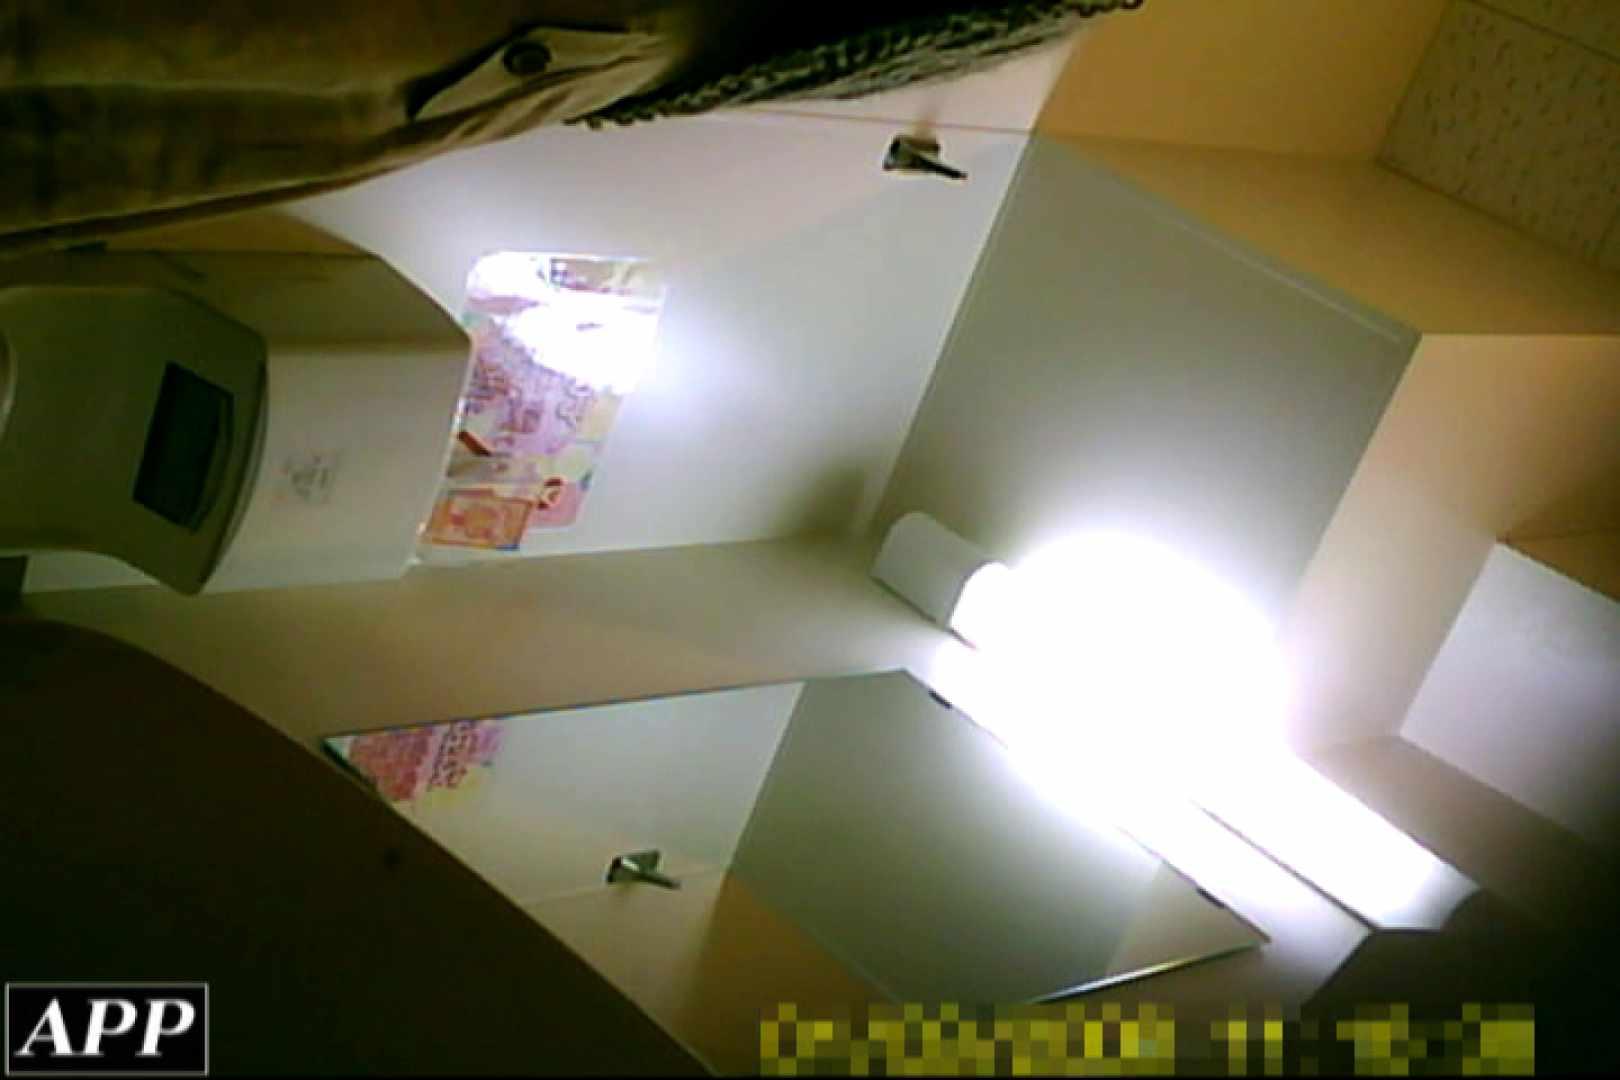 3視点洗面所 vol.05 OLの実態 盗撮ヌード画像 98pic 32